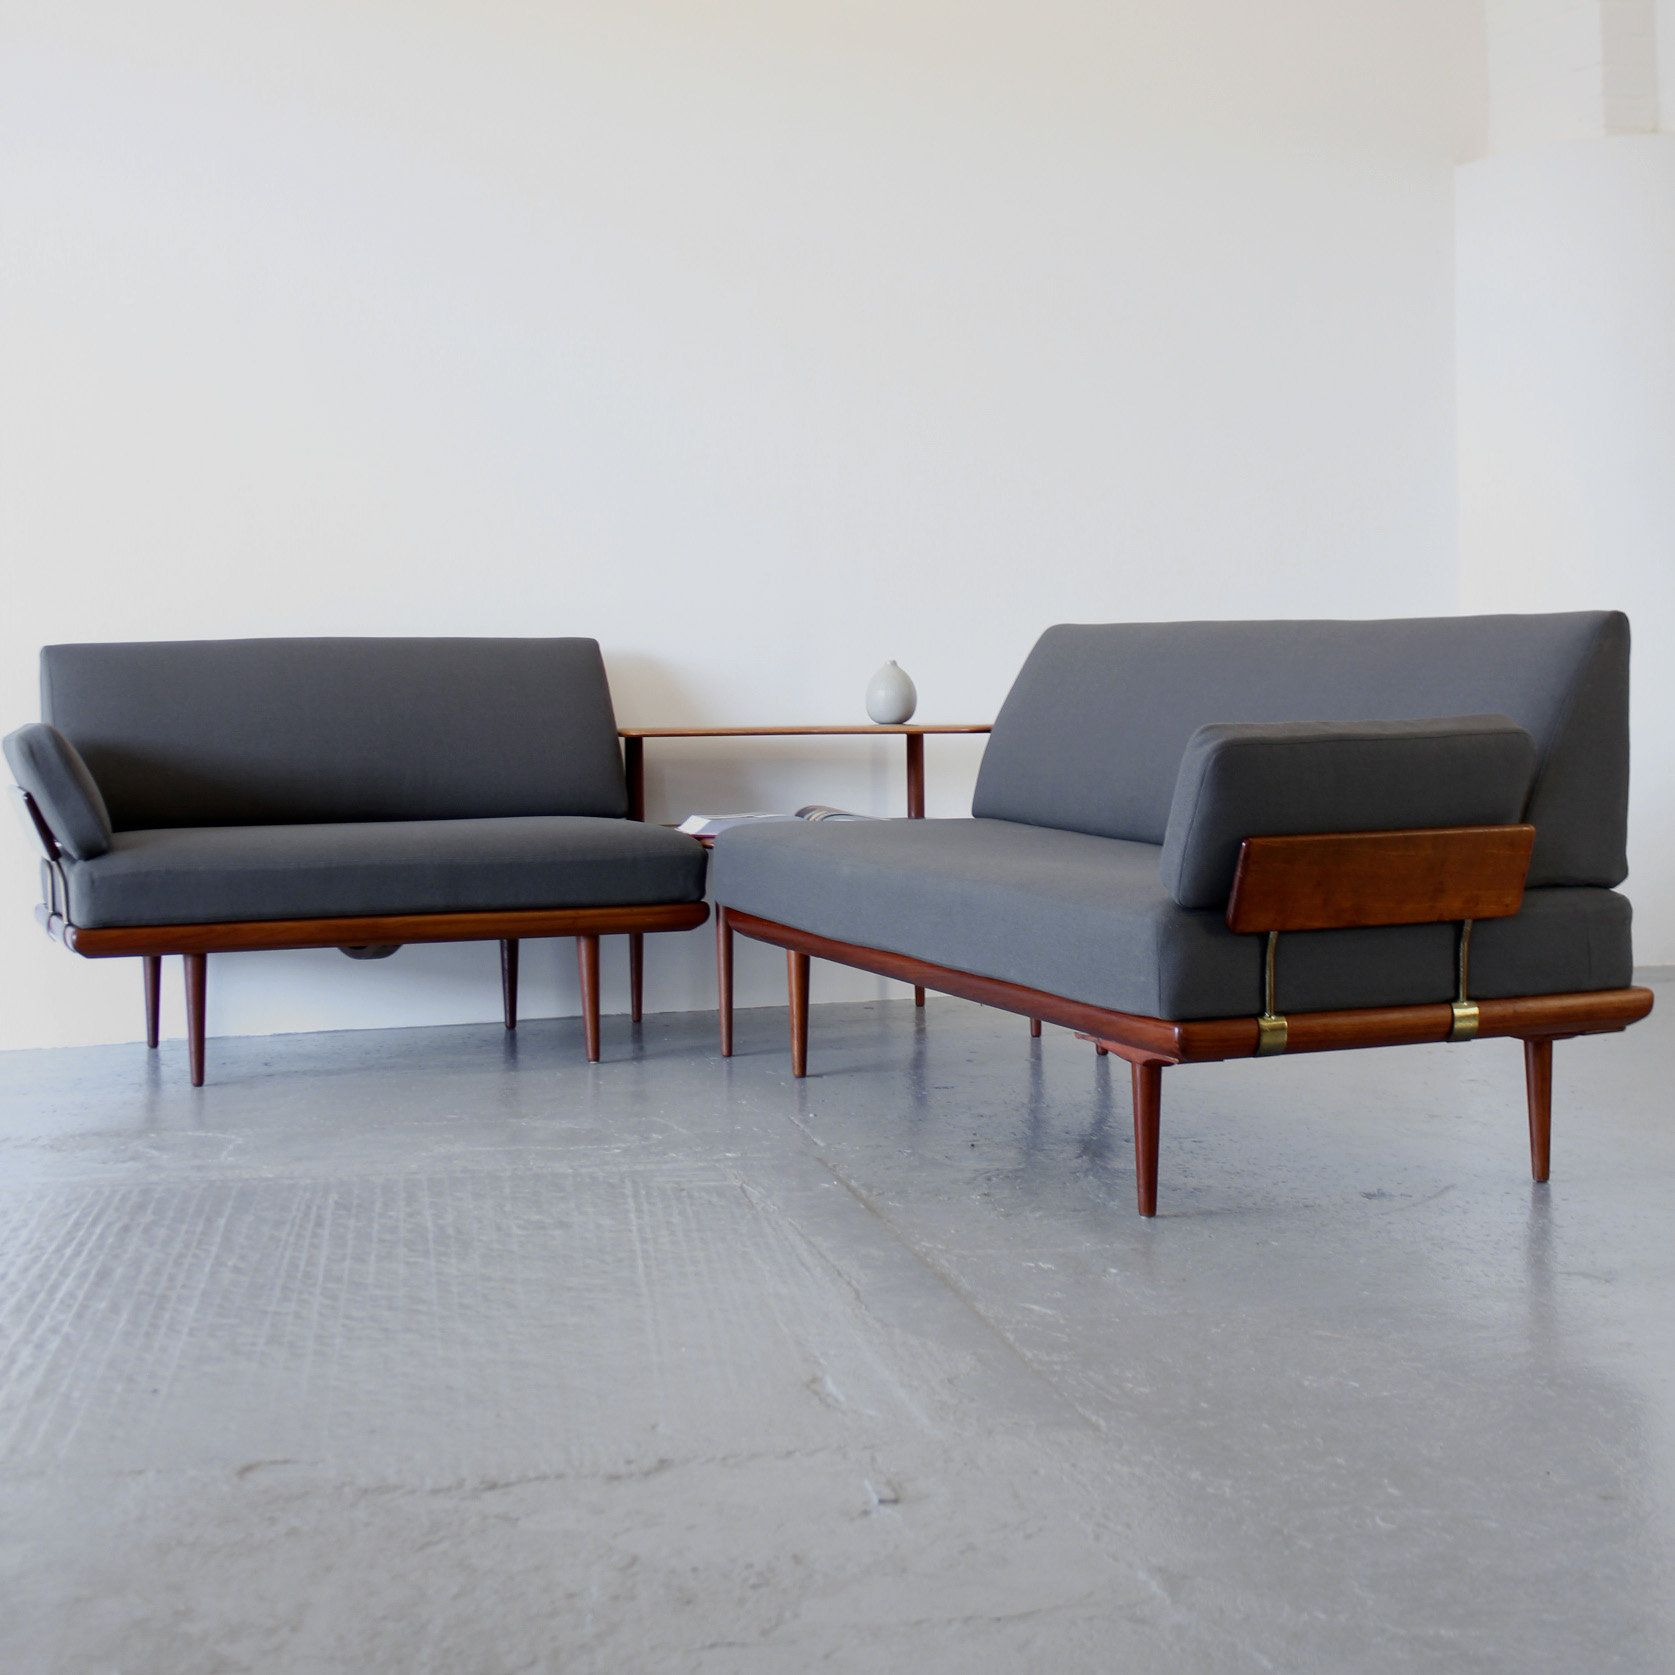 Minerva sofa set by peter hvidt u orla mølgaard nielsen furniture